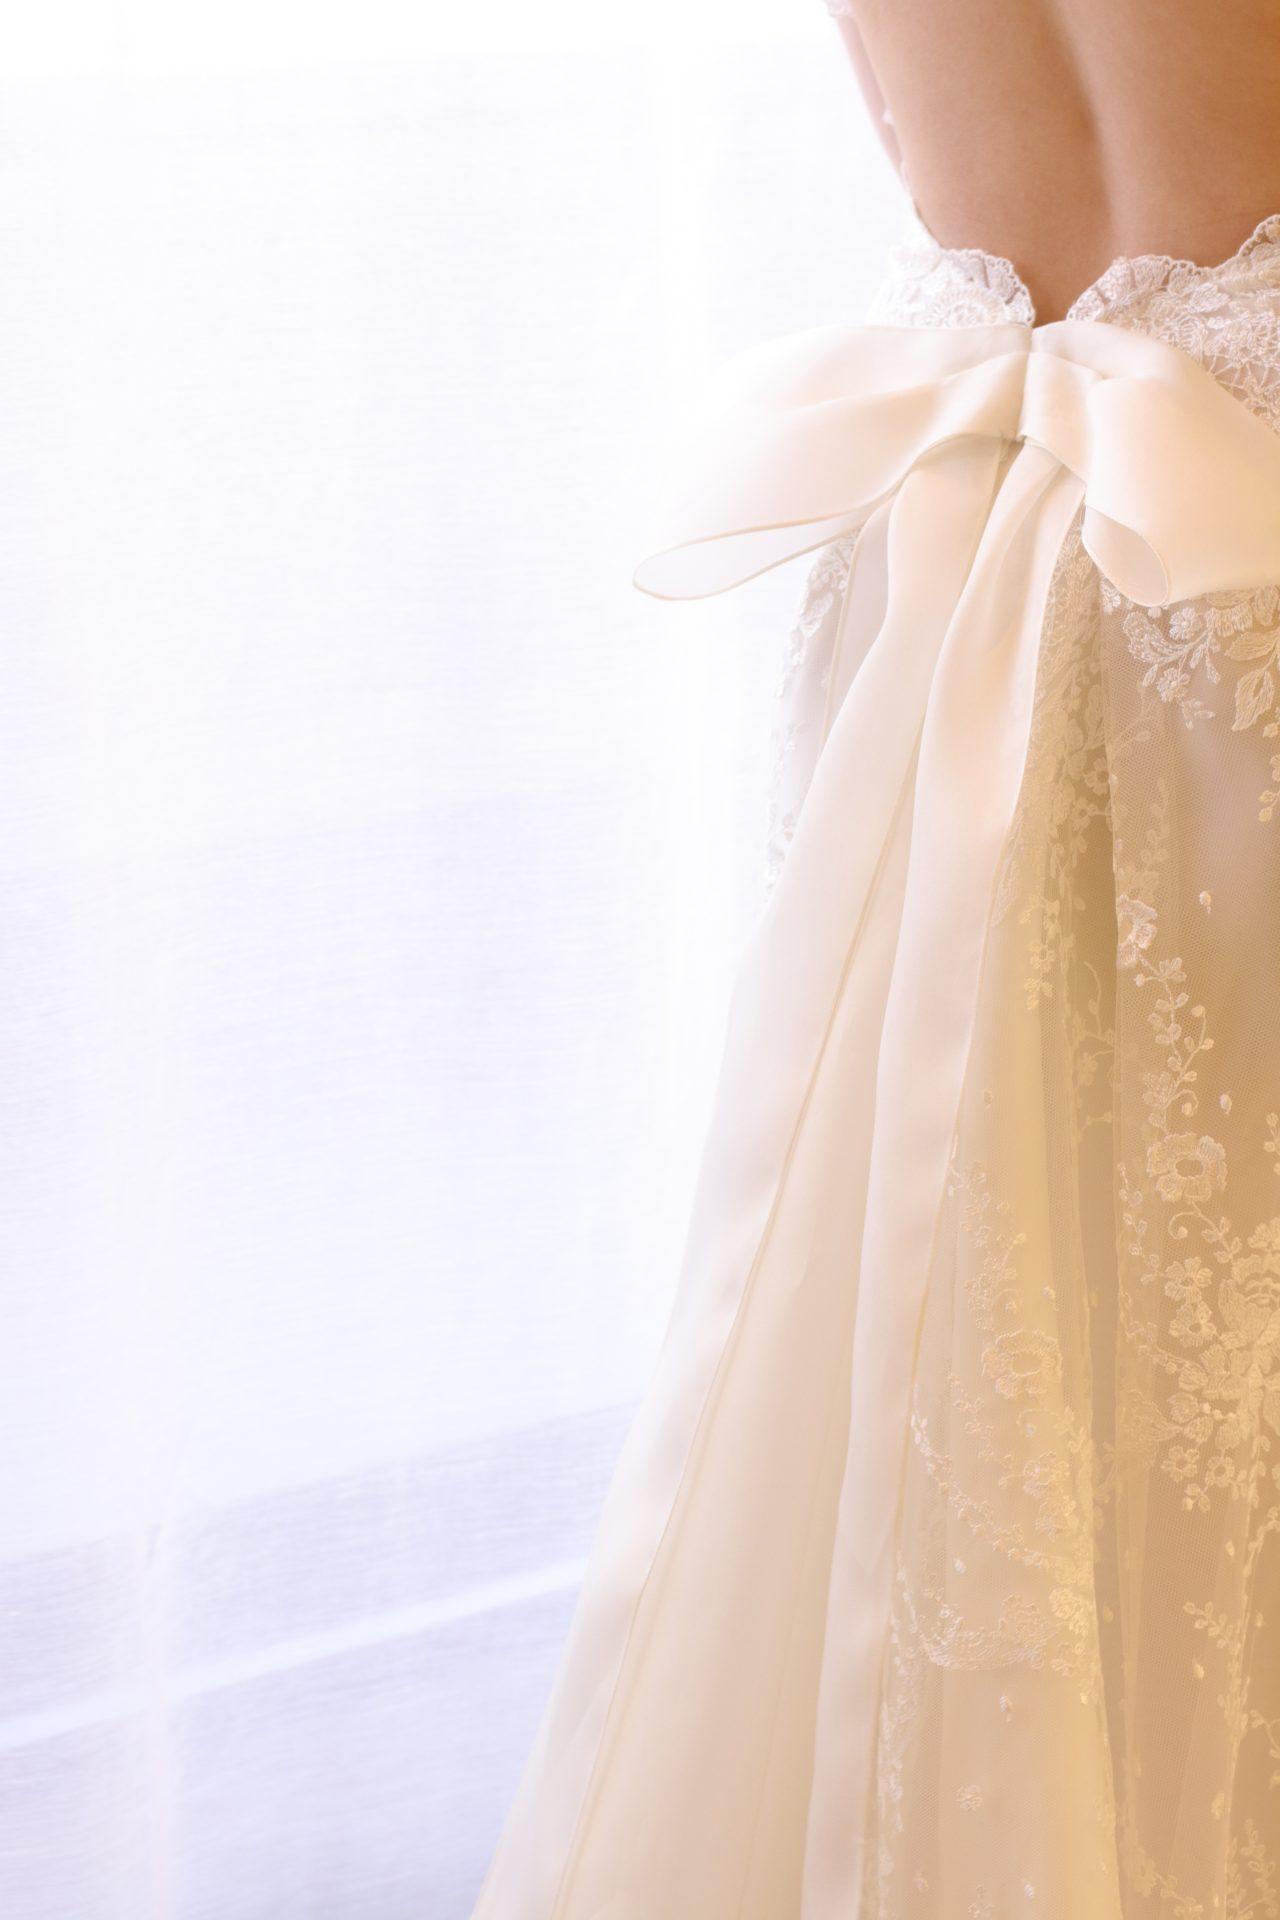 ヒップラインに添えられた立体的なビックリボンは、インポートドレスならではのシルクオーガンジーを使用しており、洗練された女性のフェミニンさを後ろ姿で表現しています